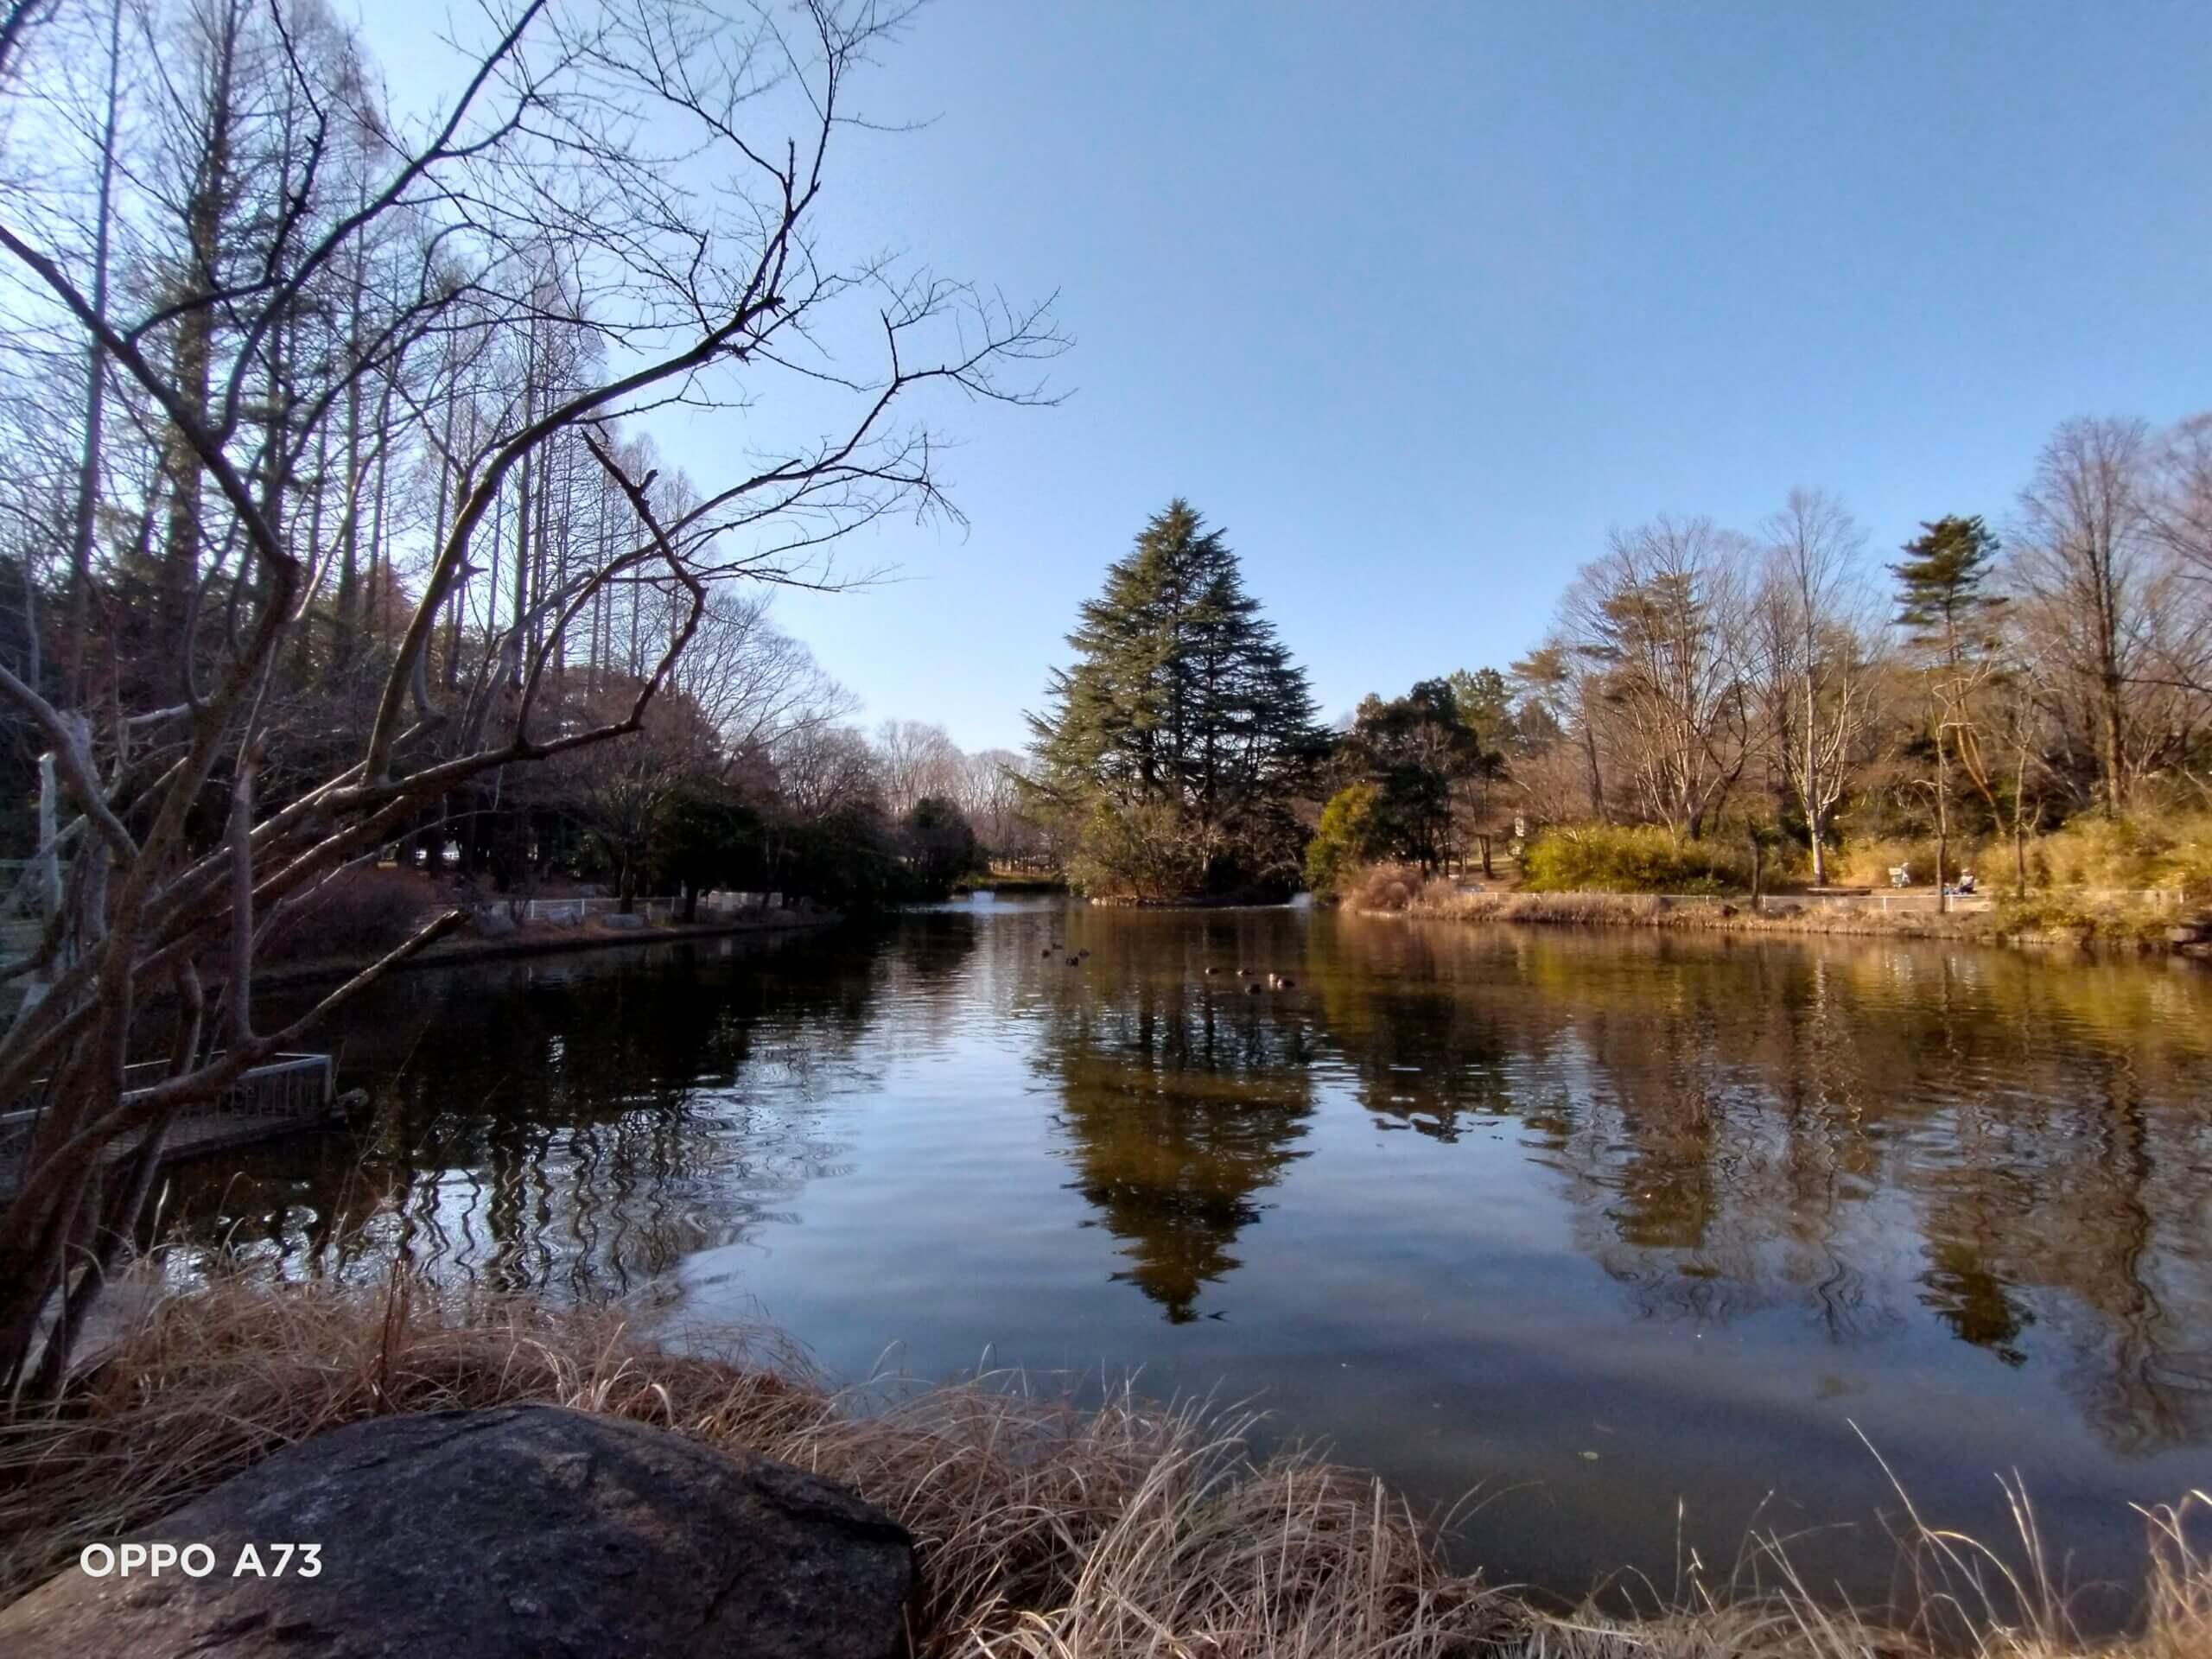 OPPO A73の超広角カメラで撮影した水辺の写真